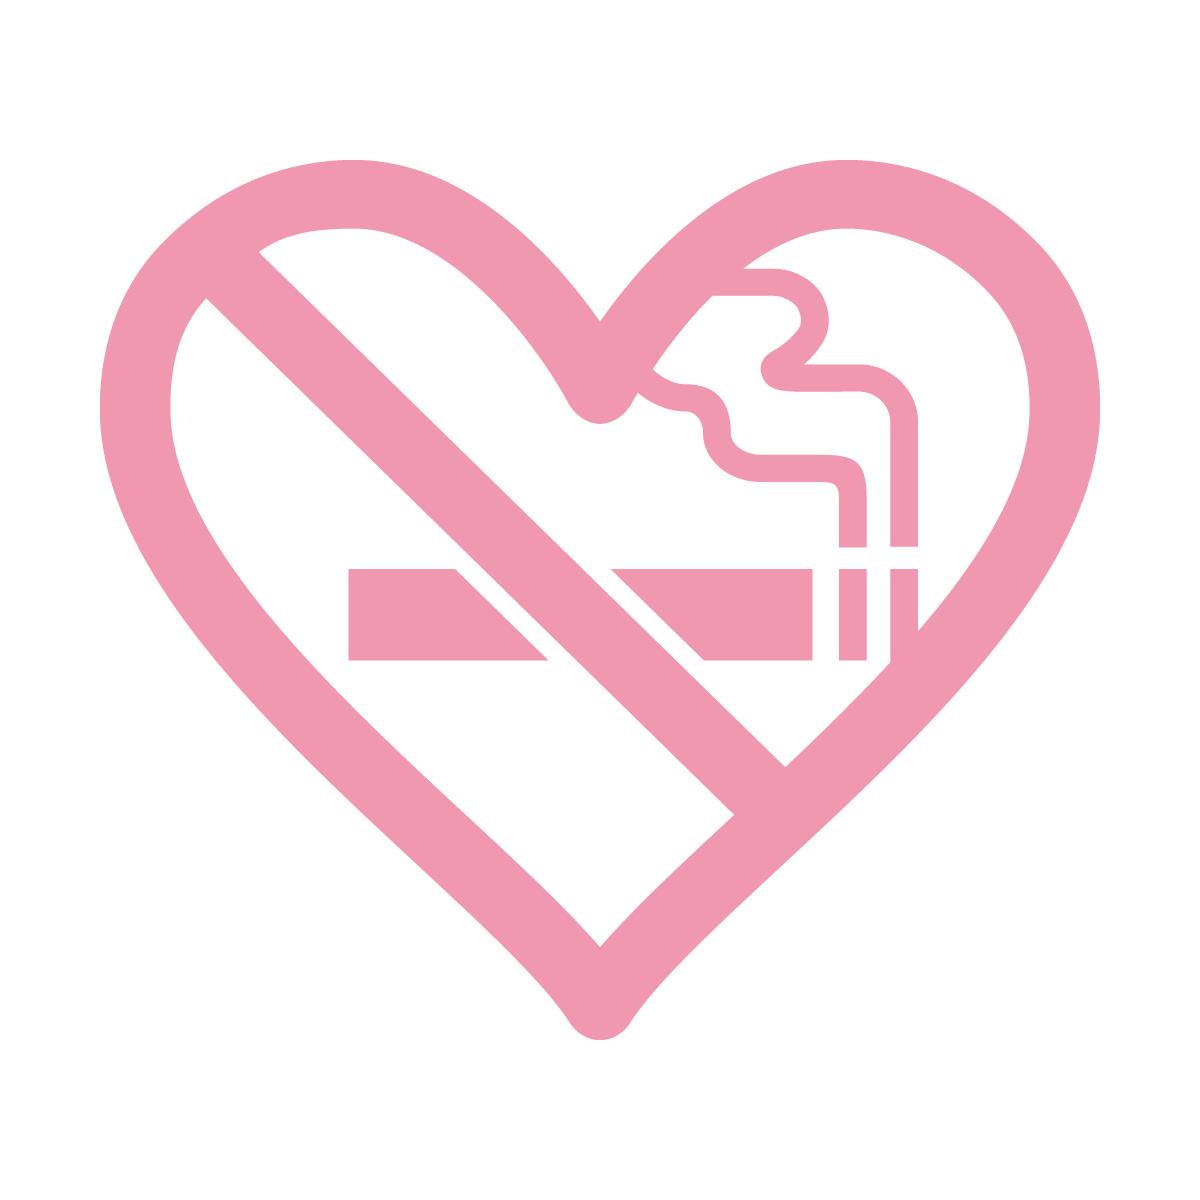 ピンク色の禁煙 ハート シール ステッカー カッティングステッカー 光沢タイプ・防水 耐水・屋外耐候3~4年